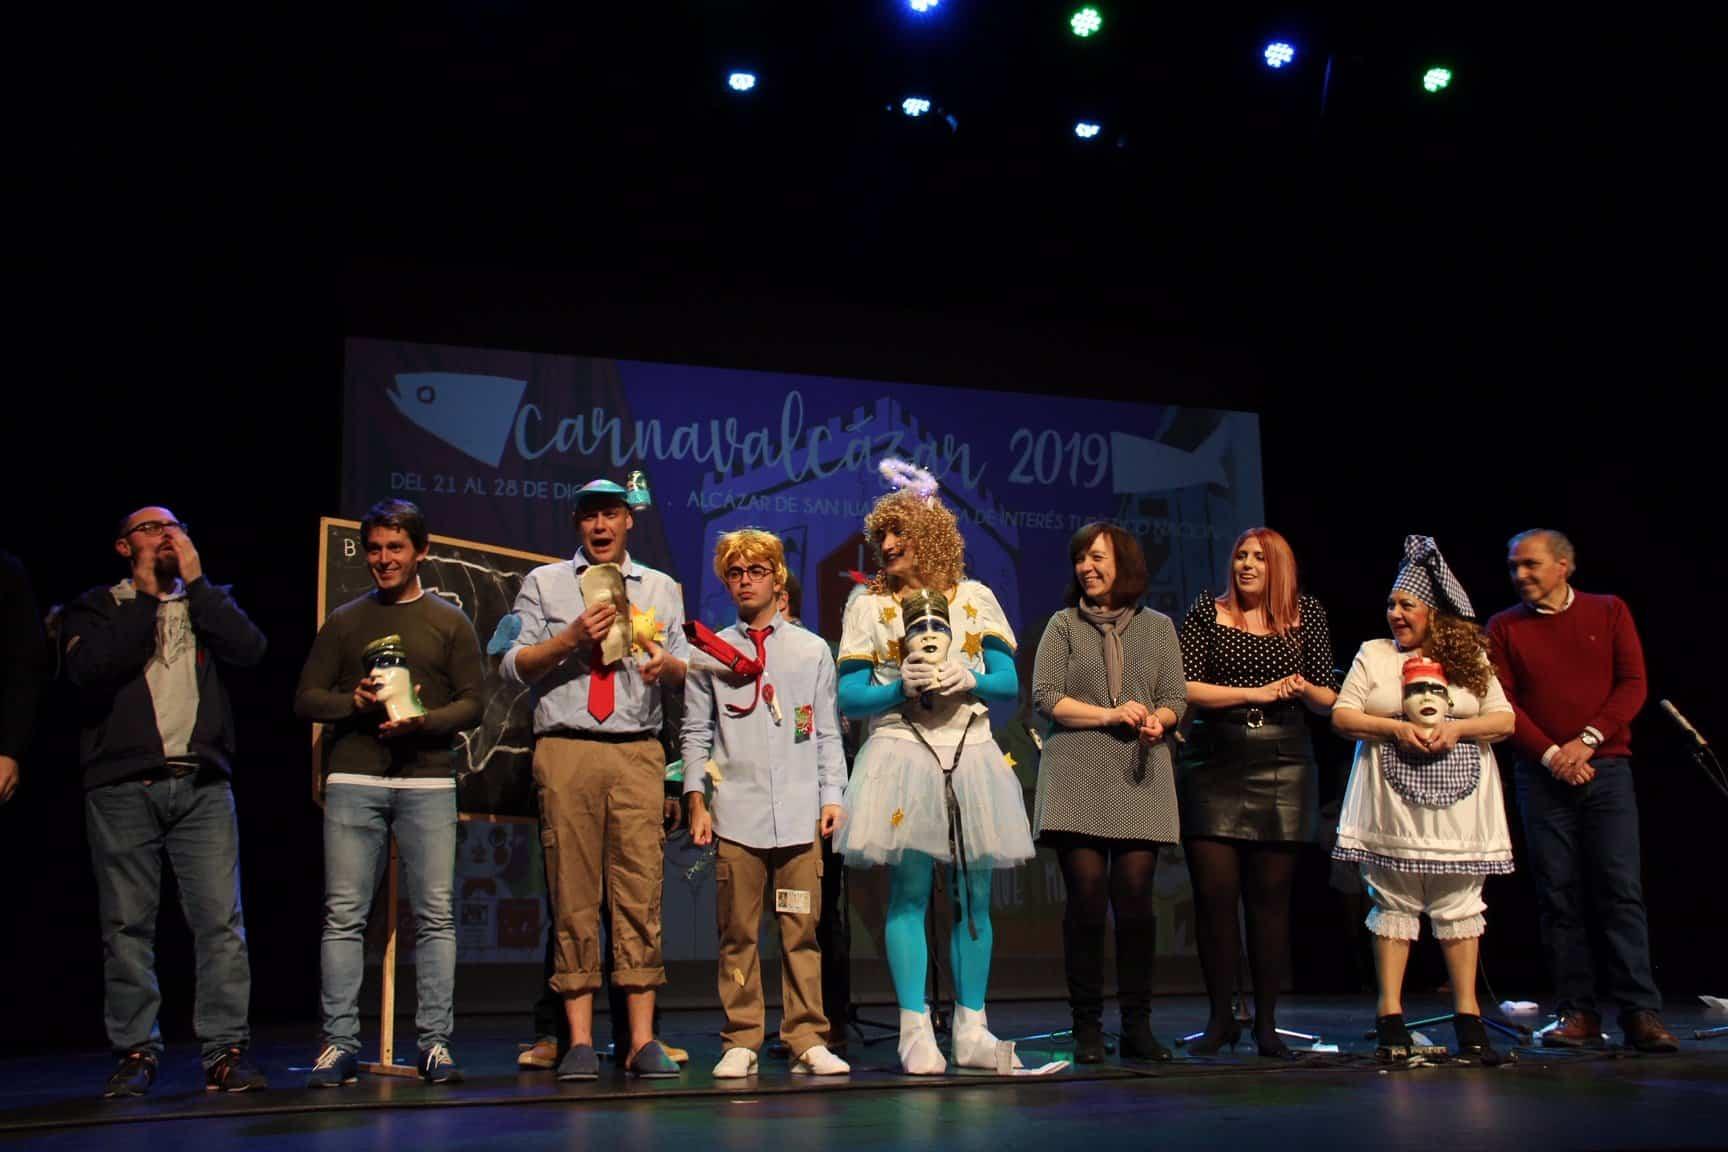 """festival murgas 2019 alcazar premios - """"Los Pelendegues"""" en la XXXIII edición del Festival de Murgas de Alcázar"""